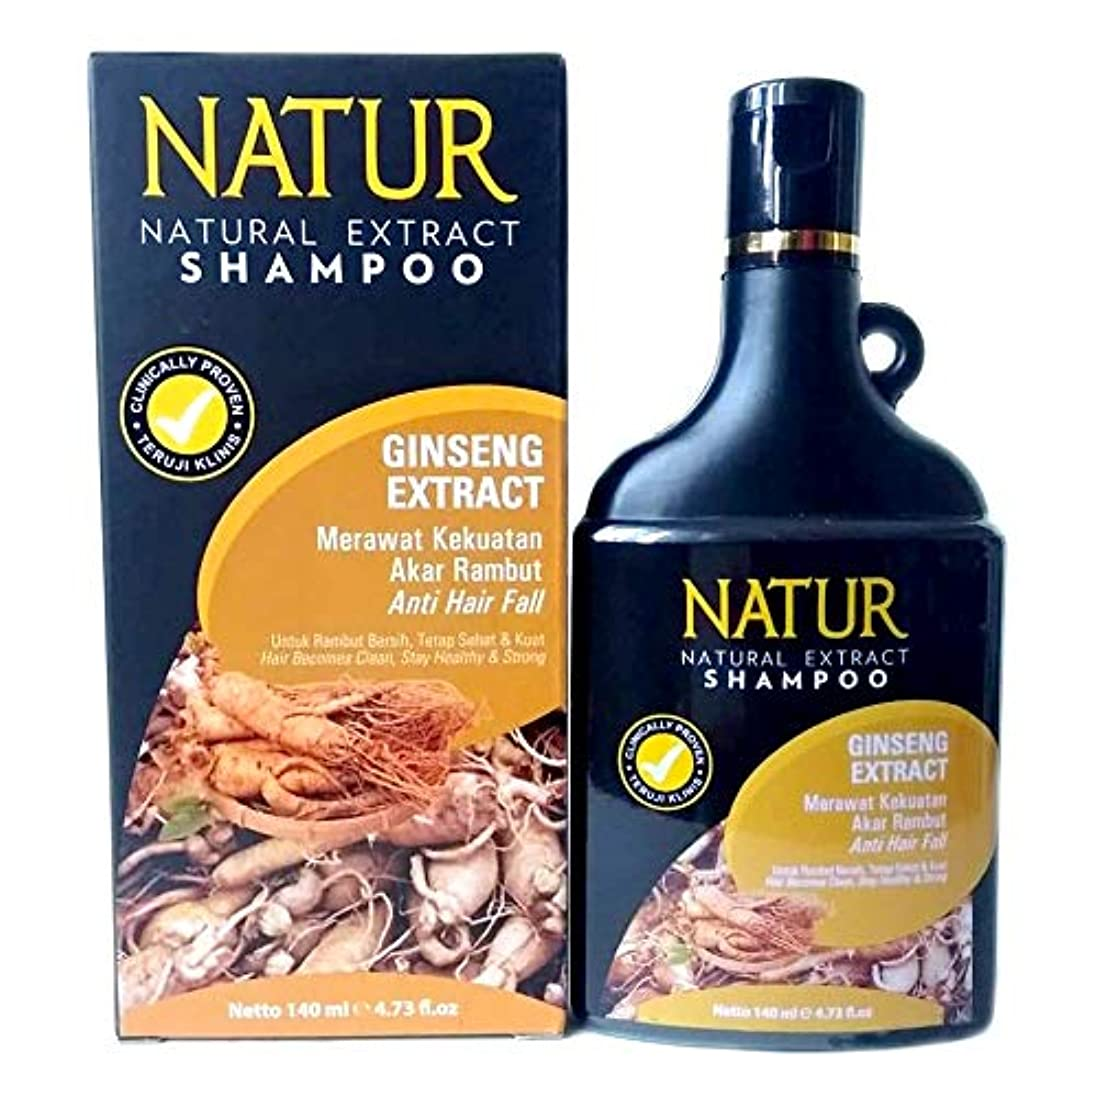 重要酸素でNATUR ナトゥール 天然植物エキス配合 ハーバルシャンプー 140ml Ginseng ジンセン [海外直商品]